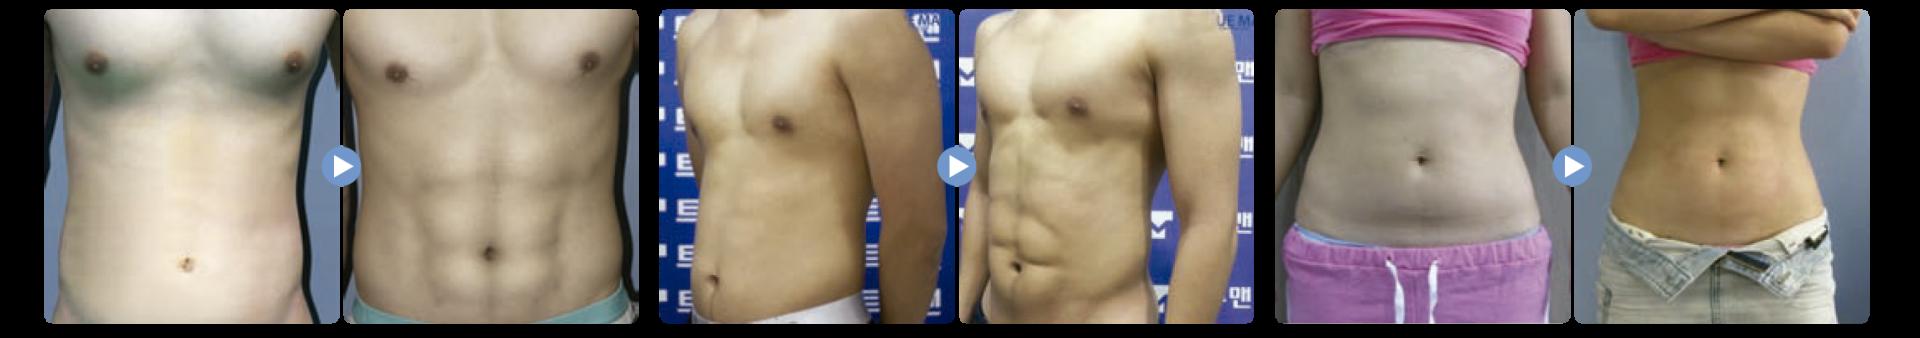 Liposound definicion antes y despues es una liposucción asistida por ultrasonido en el que hay menos riesgo de daño a los nervios, para medicina estetica